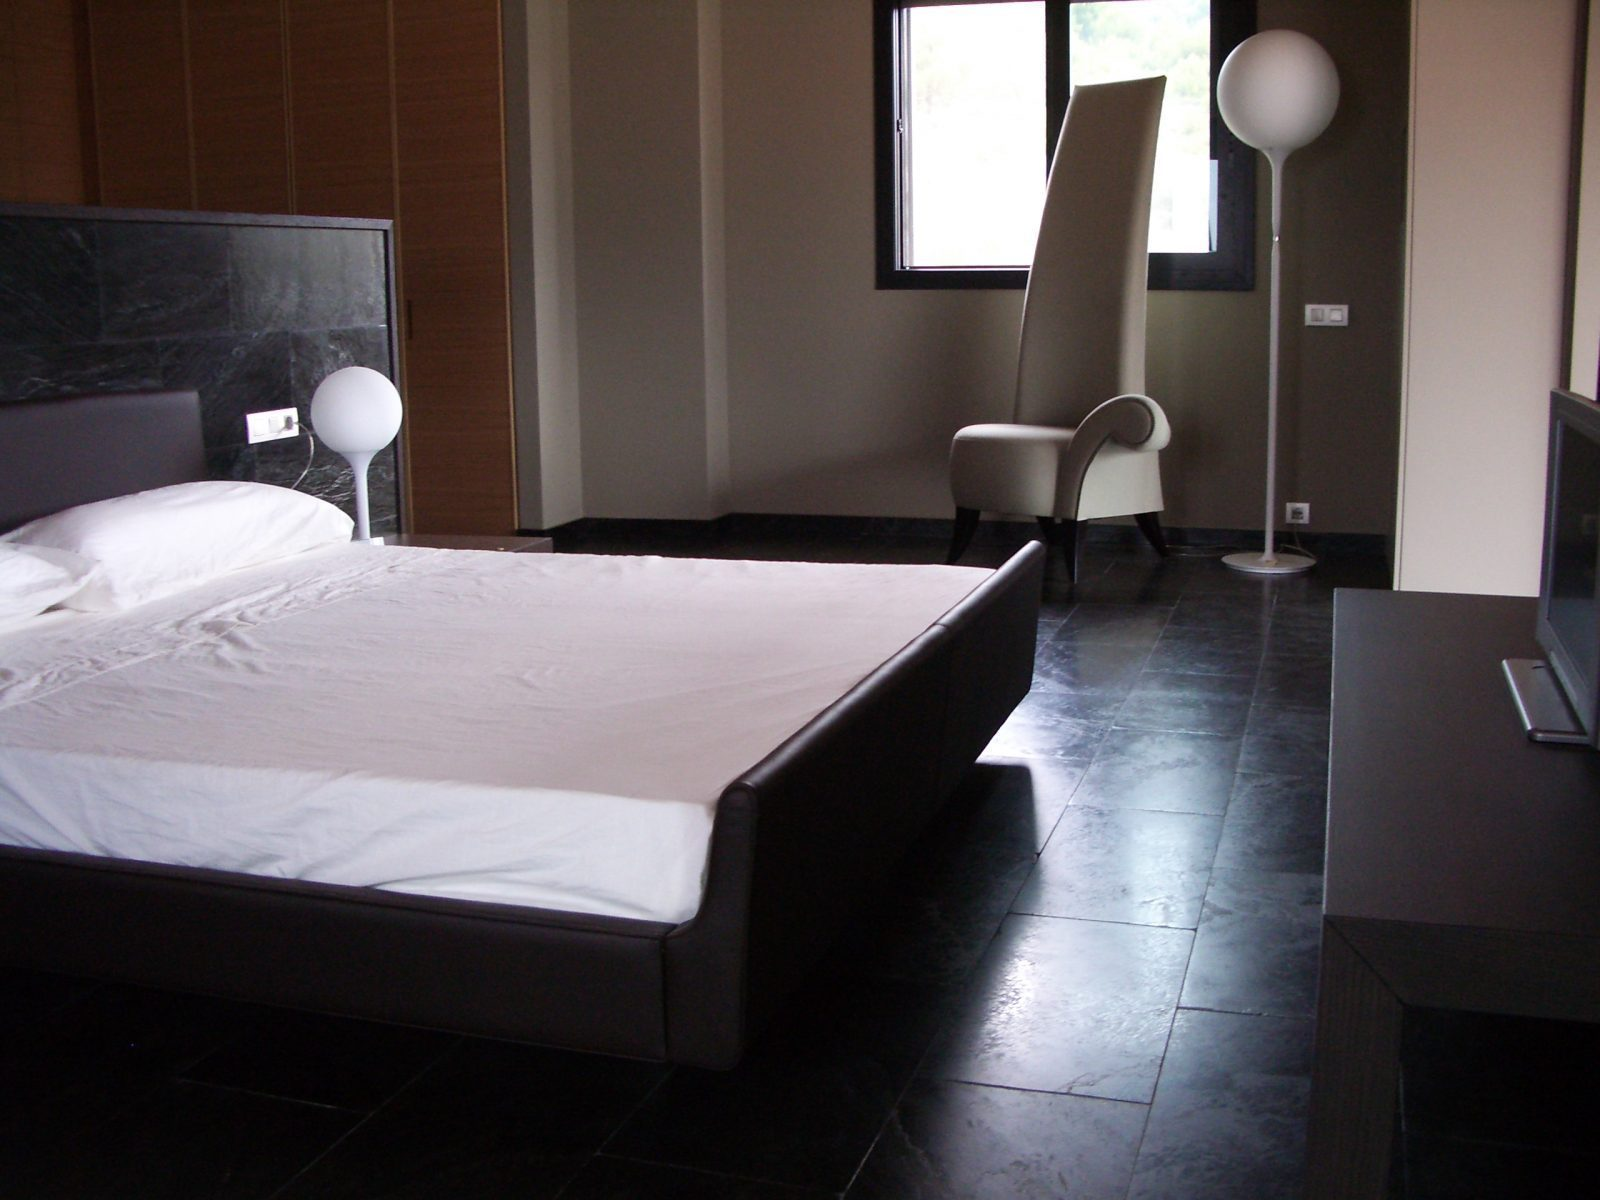 Pulire pavimenti di marmo proteggere pavimenti di marmo for Pavimento bianco e nero